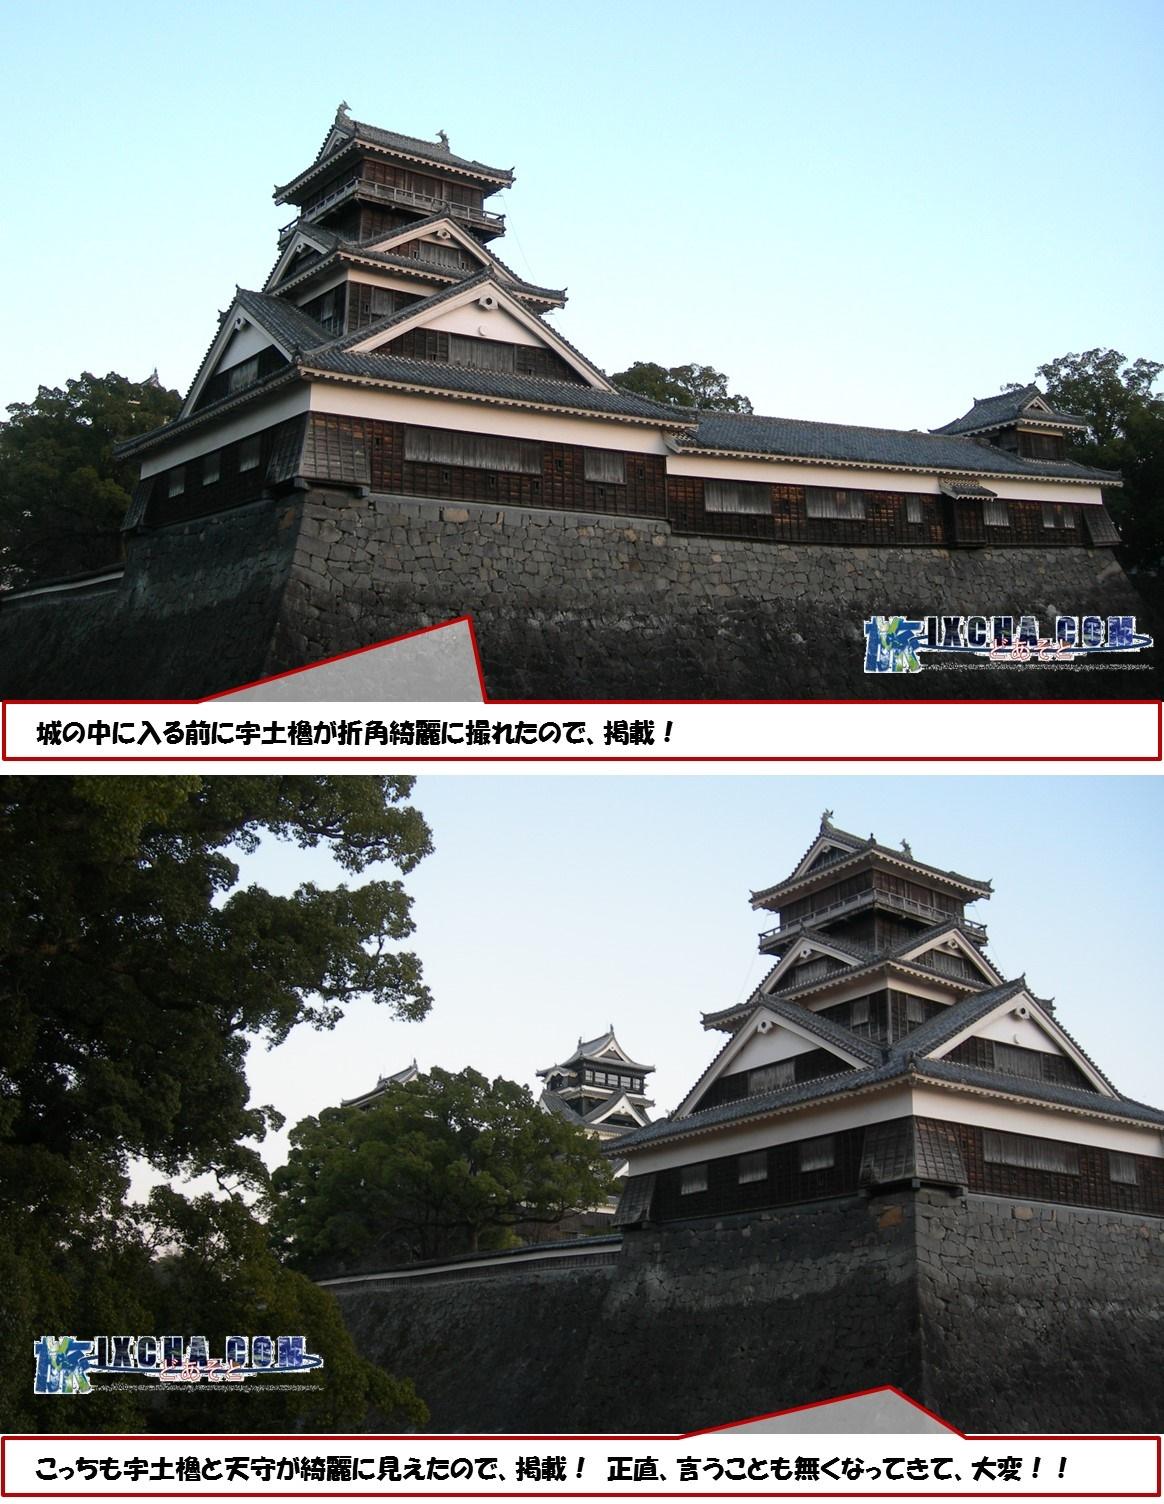 城の中に入る前に宇土櫓が折角綺麗に撮れたので、掲載! こっちも宇土櫓と天守が綺麗に見えたので、掲載! 正直、言うことも無くなってきて、大変!!